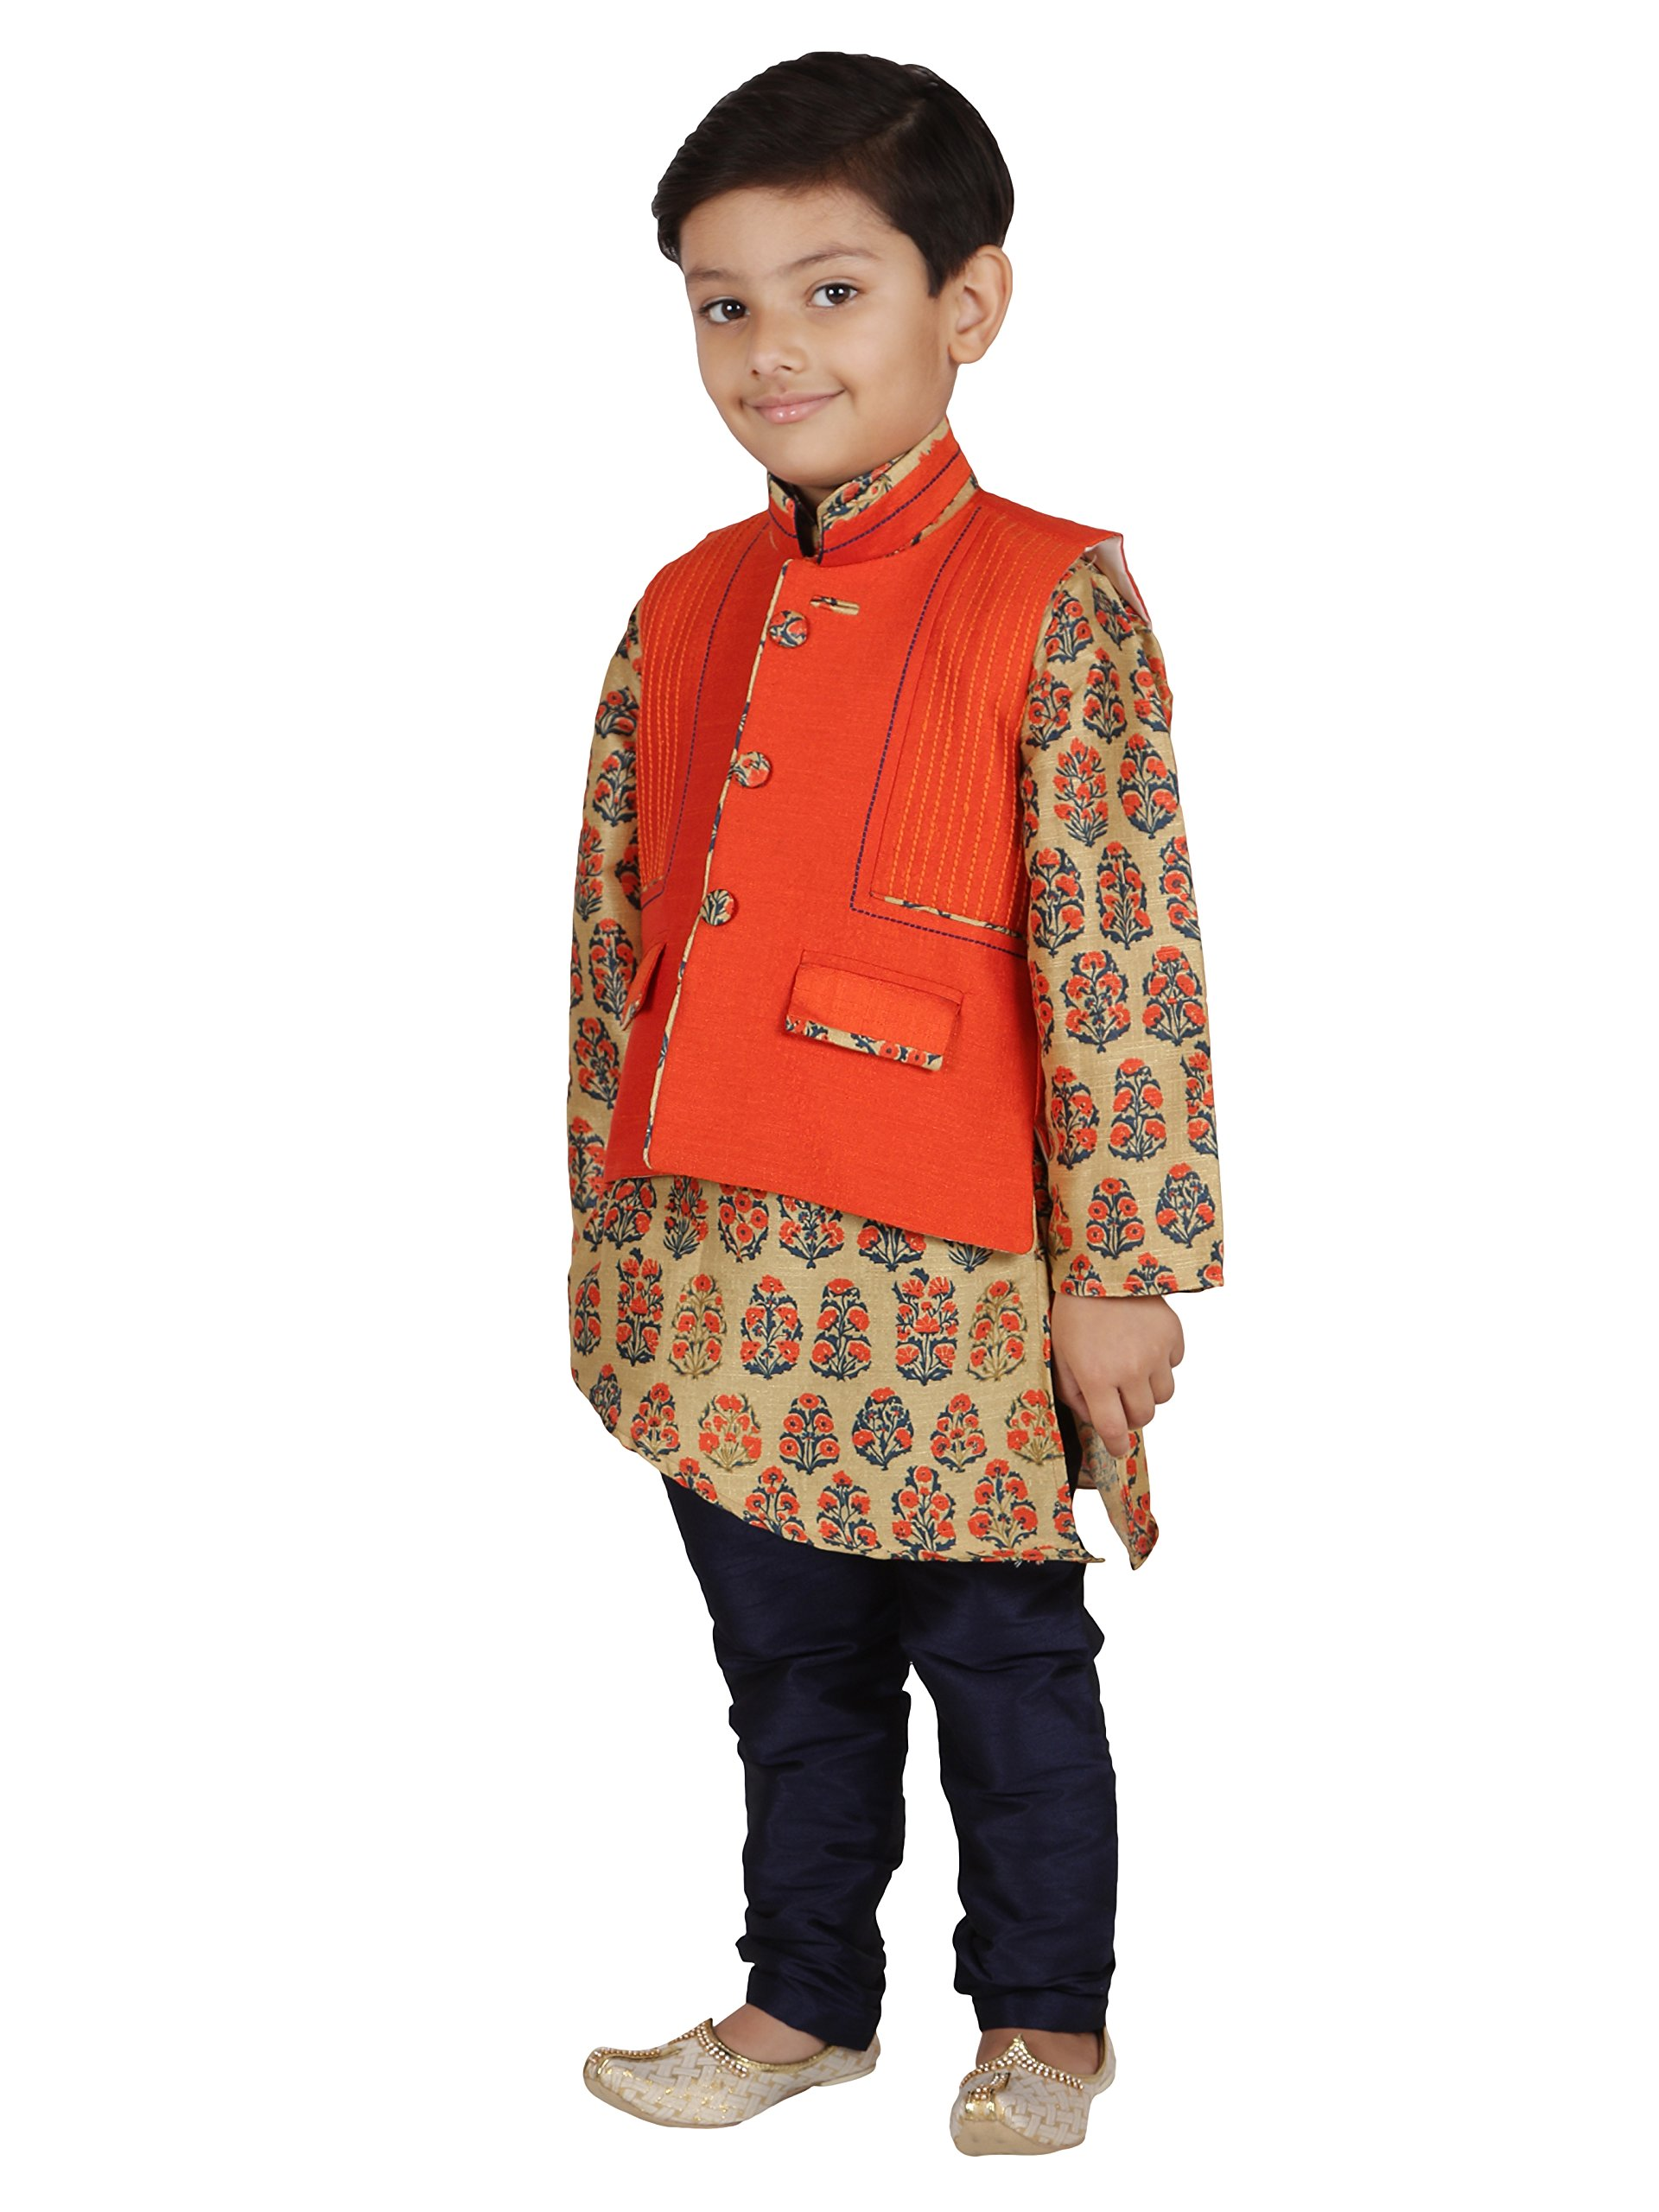 AJ Dezines Kids Indian Wear Bollywood Style Kurta Pyjama Waistcoat for Baby Boys by AJ Dezines (Image #2)